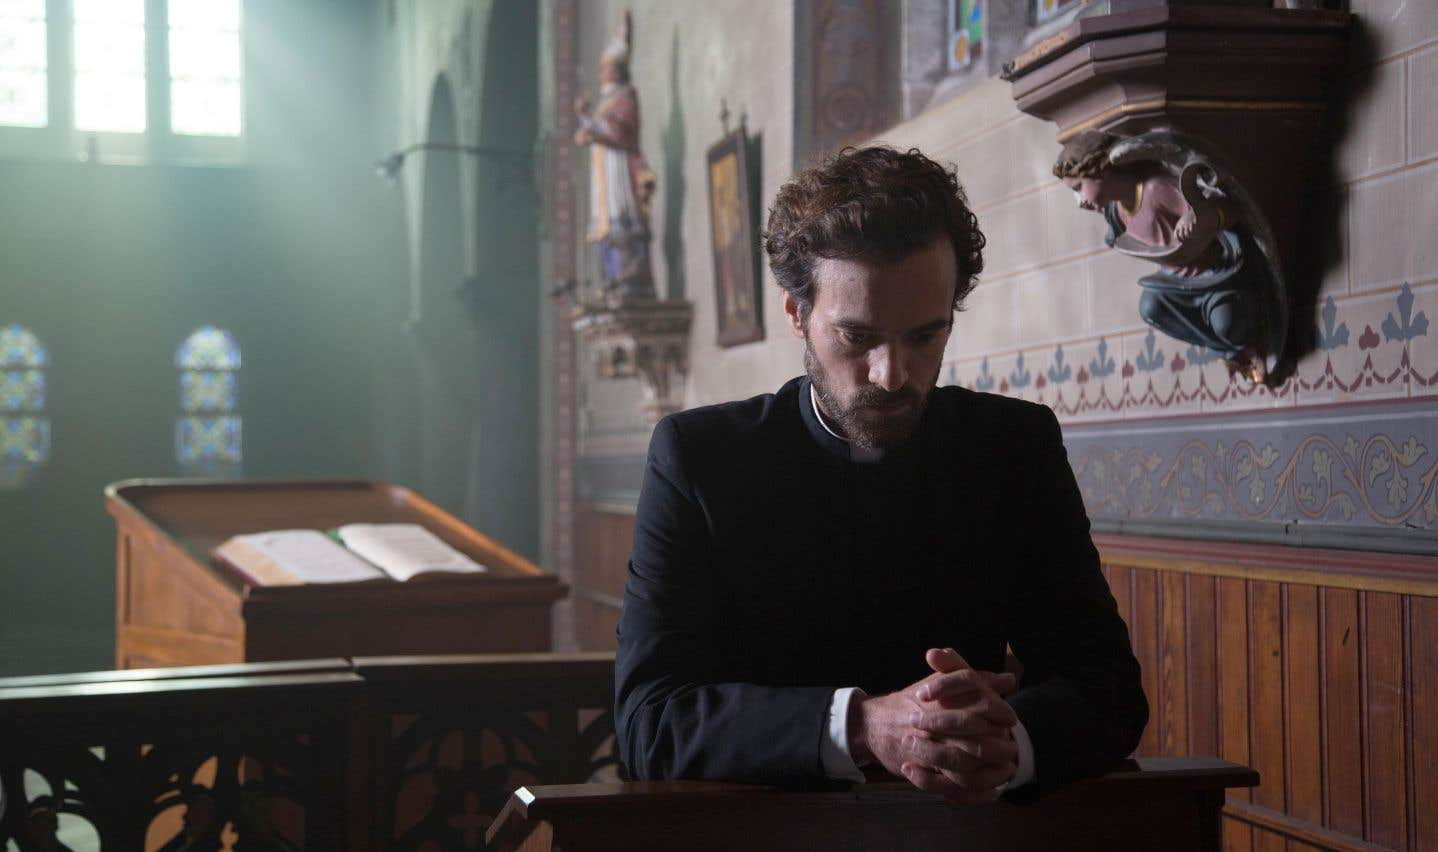 Le cinéma contemporain ne reflète pas la disparition des croyances et des pratiques liées à la foi catholique, mais observe la perte d'emprise de l'Église en tant qu'institution, souligne l'auteure.